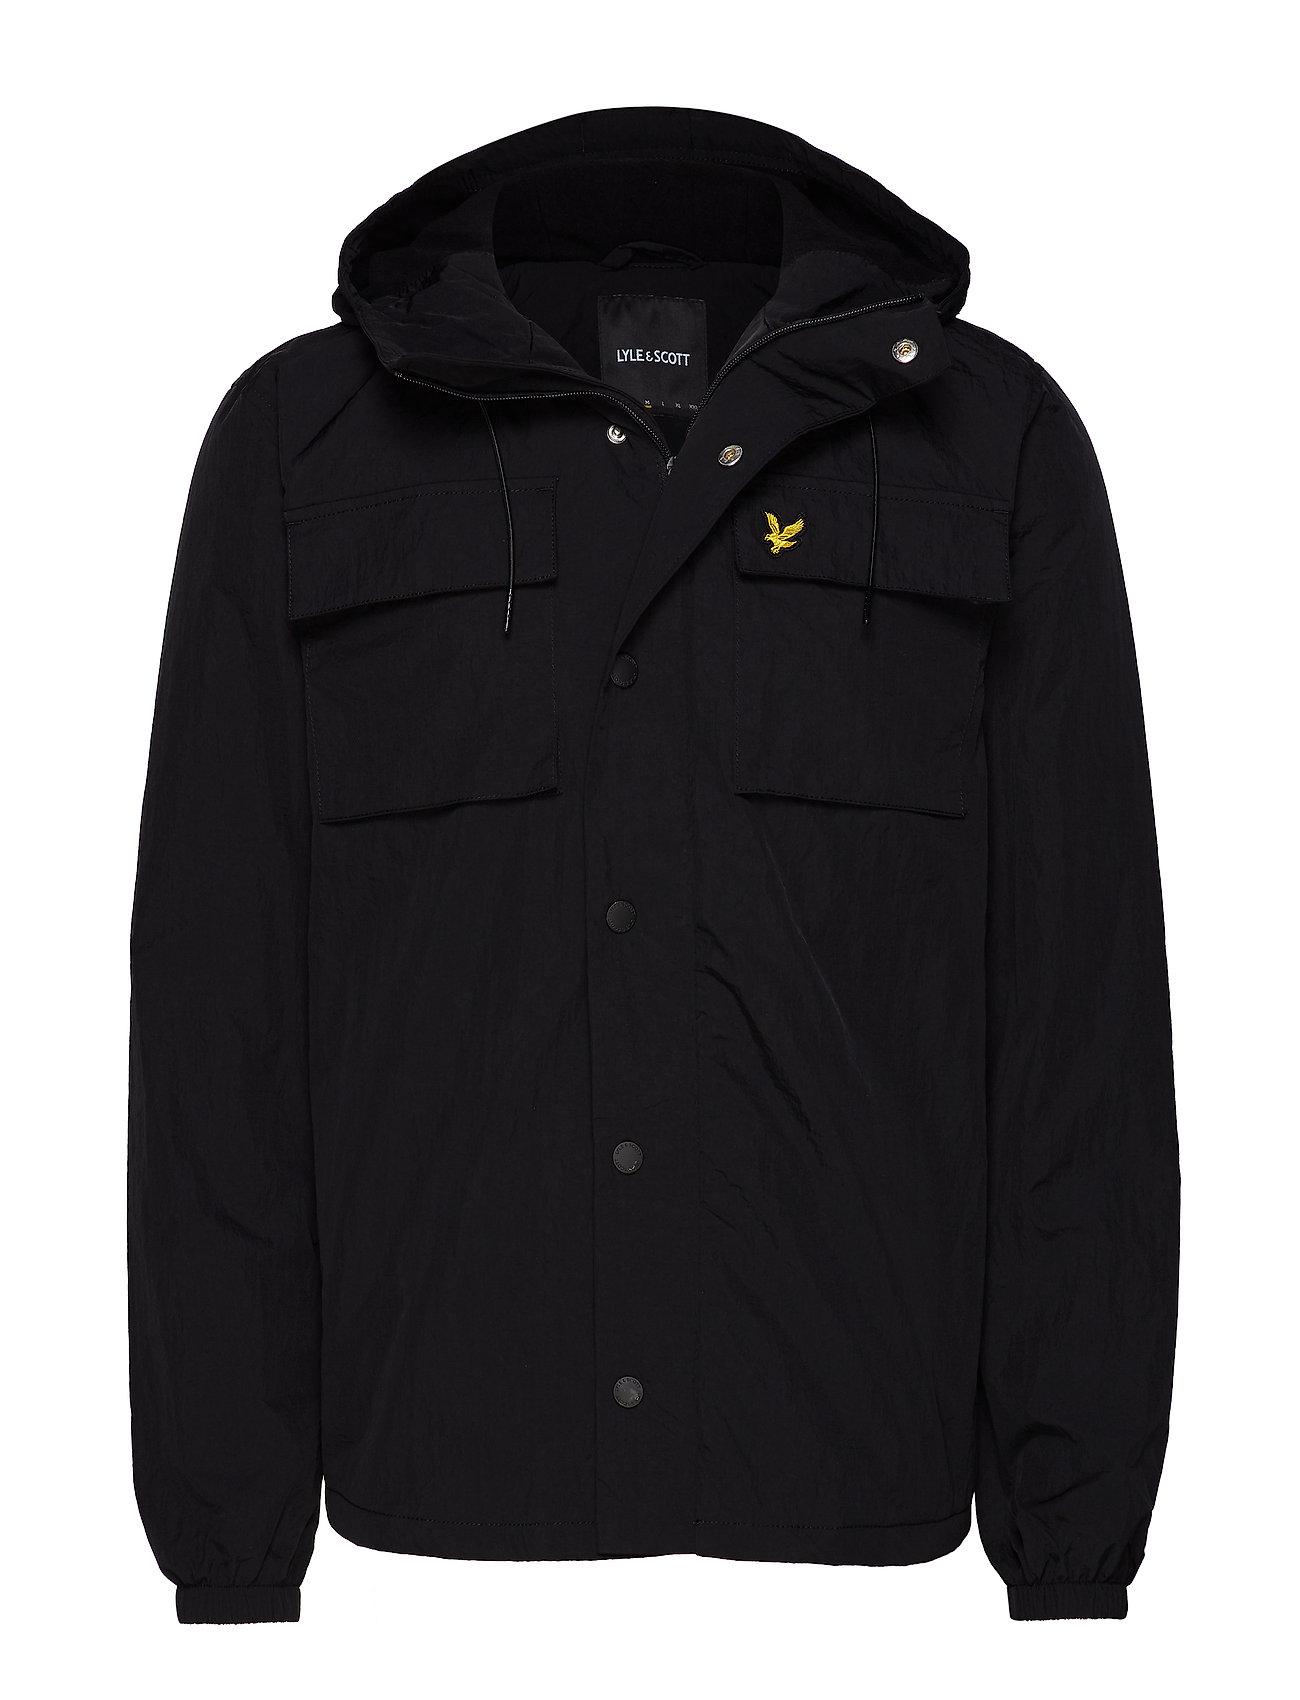 Lyle & Scott Pocket Jacket - TRUE BLACK